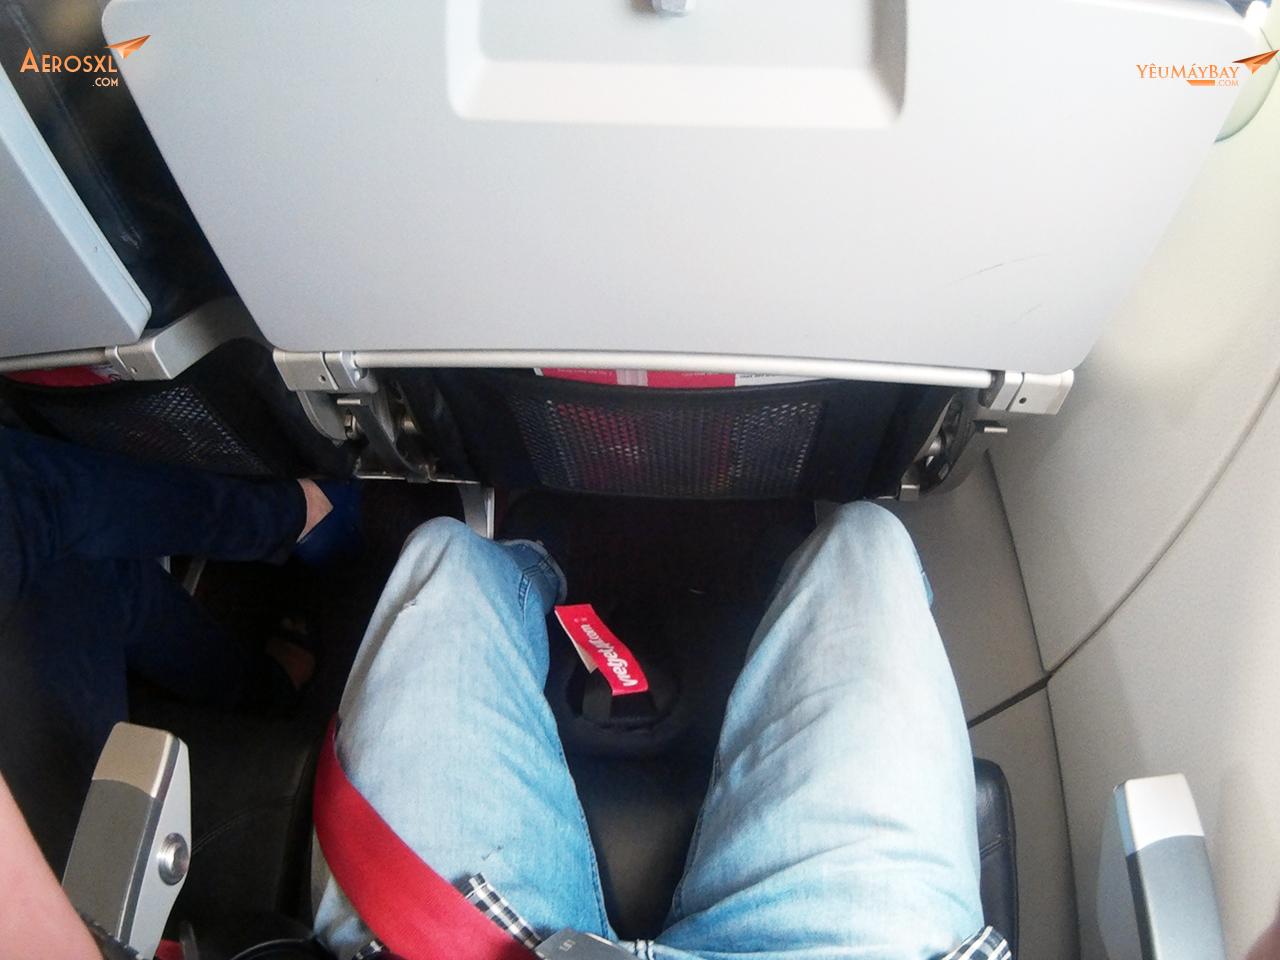 Không gian để chân vừa đủ để chân và 1 balo. Ảnh: Phạm Bảo Anh